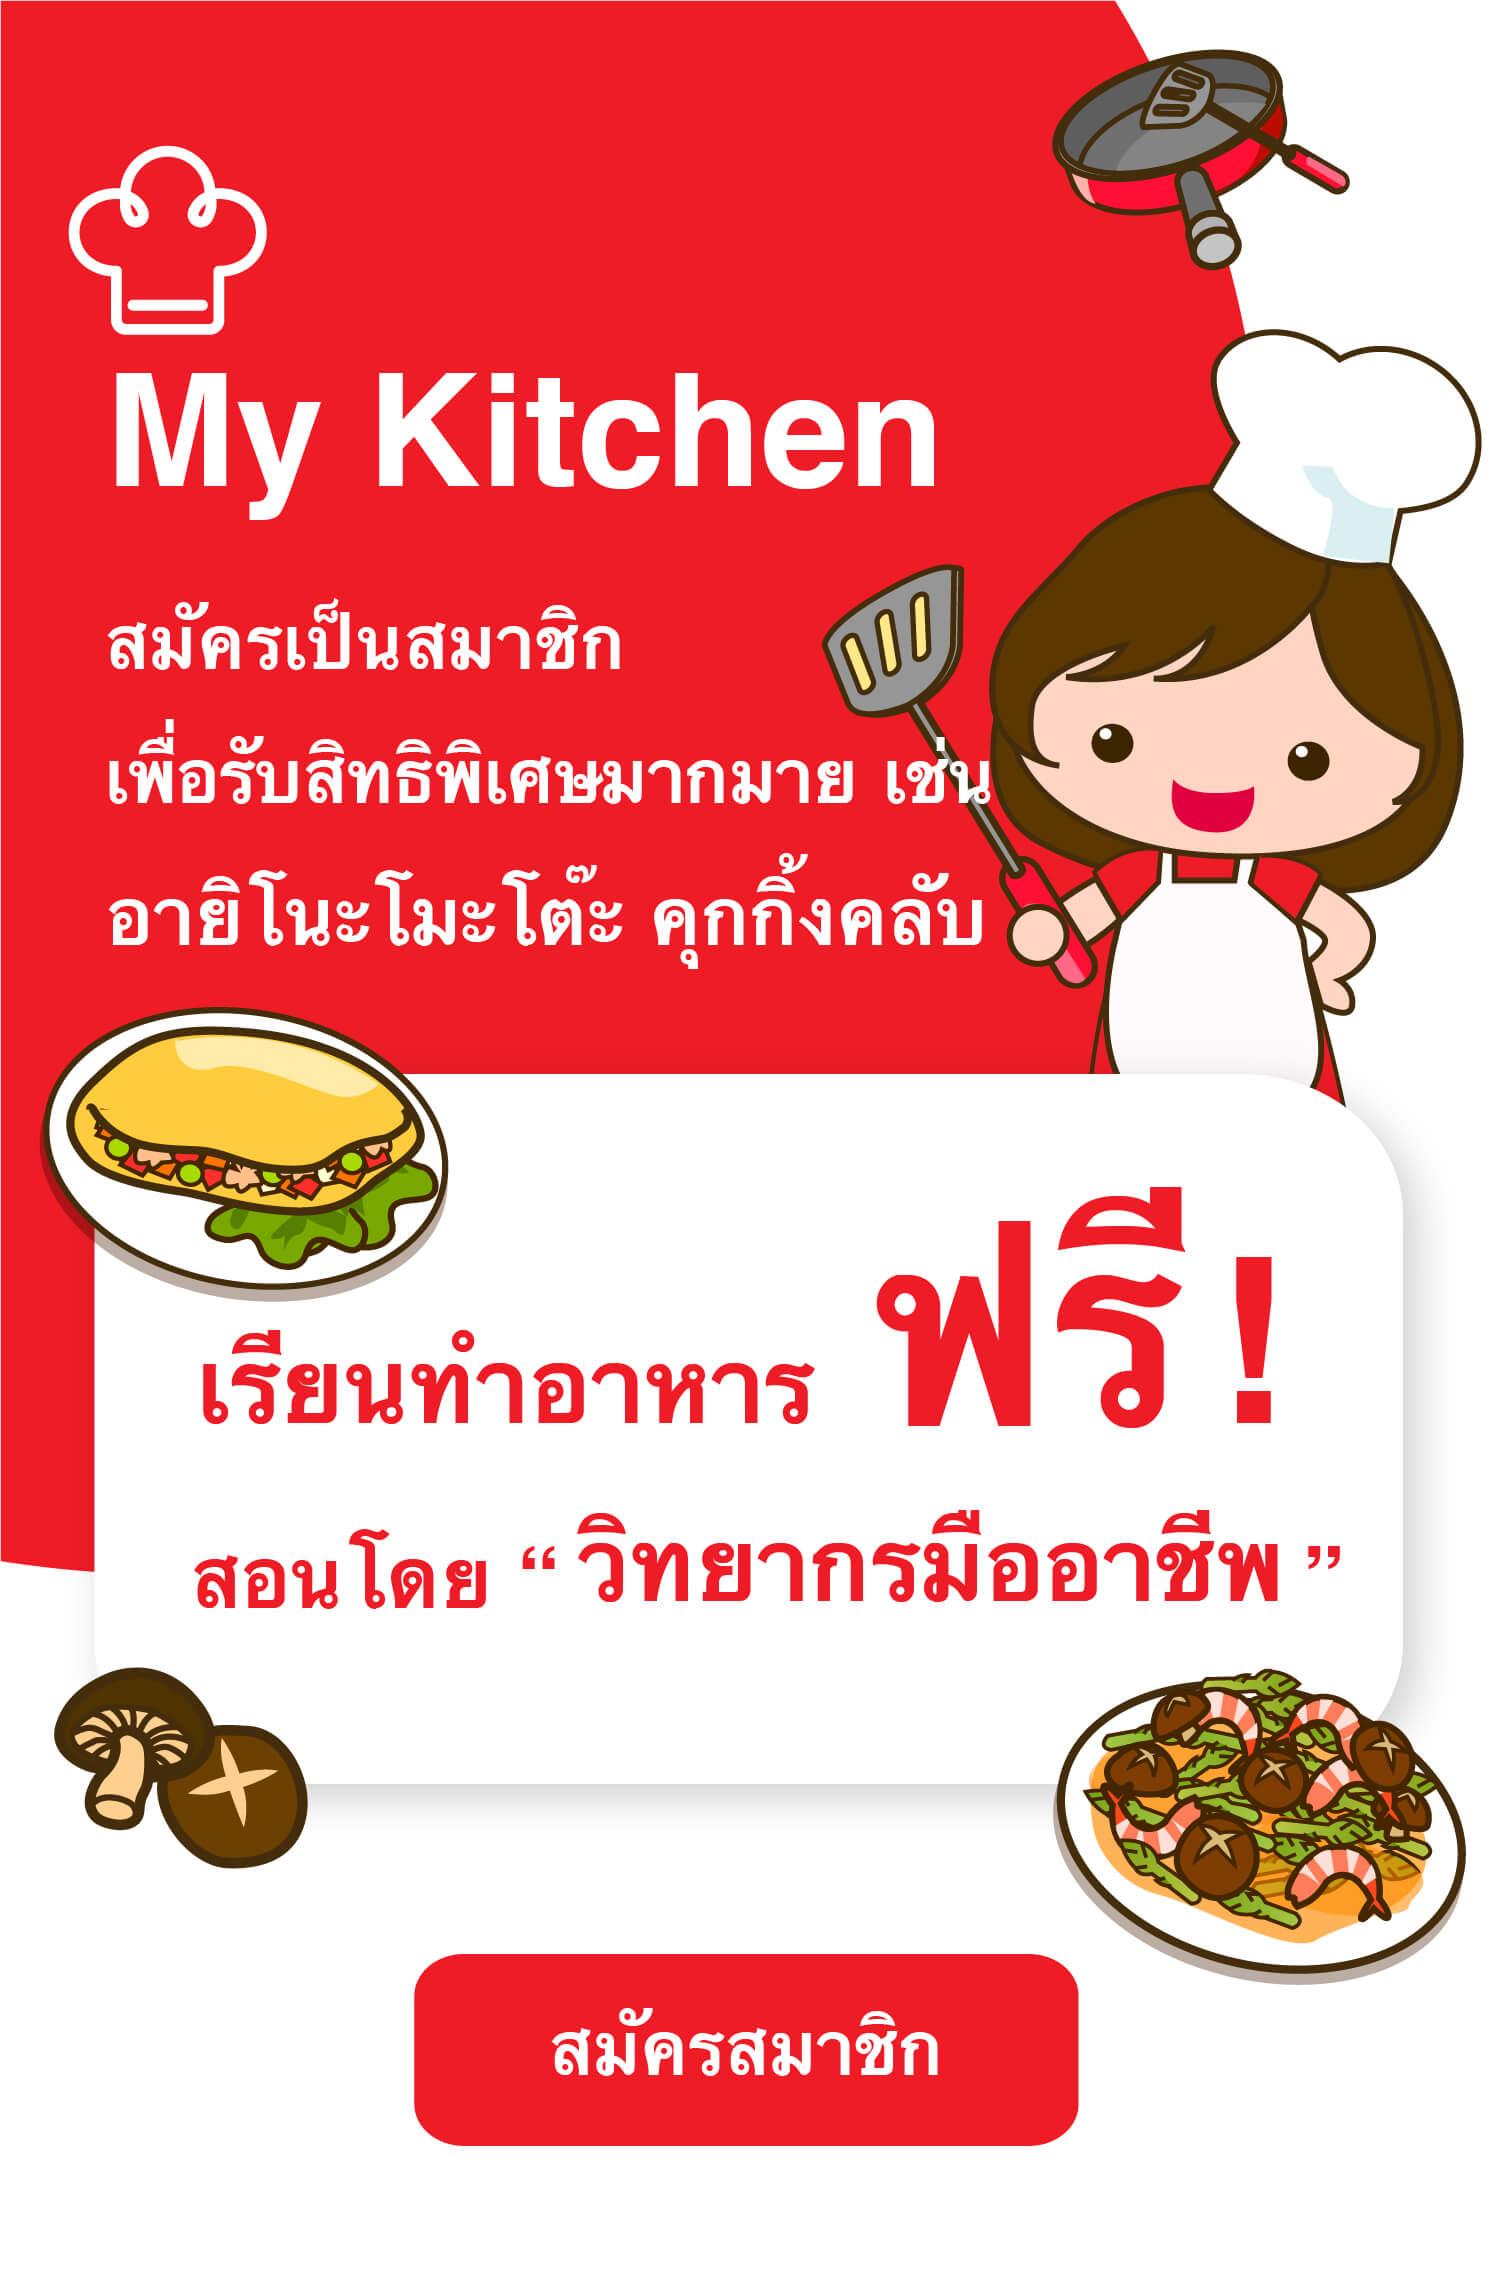 My Kitchen - Register